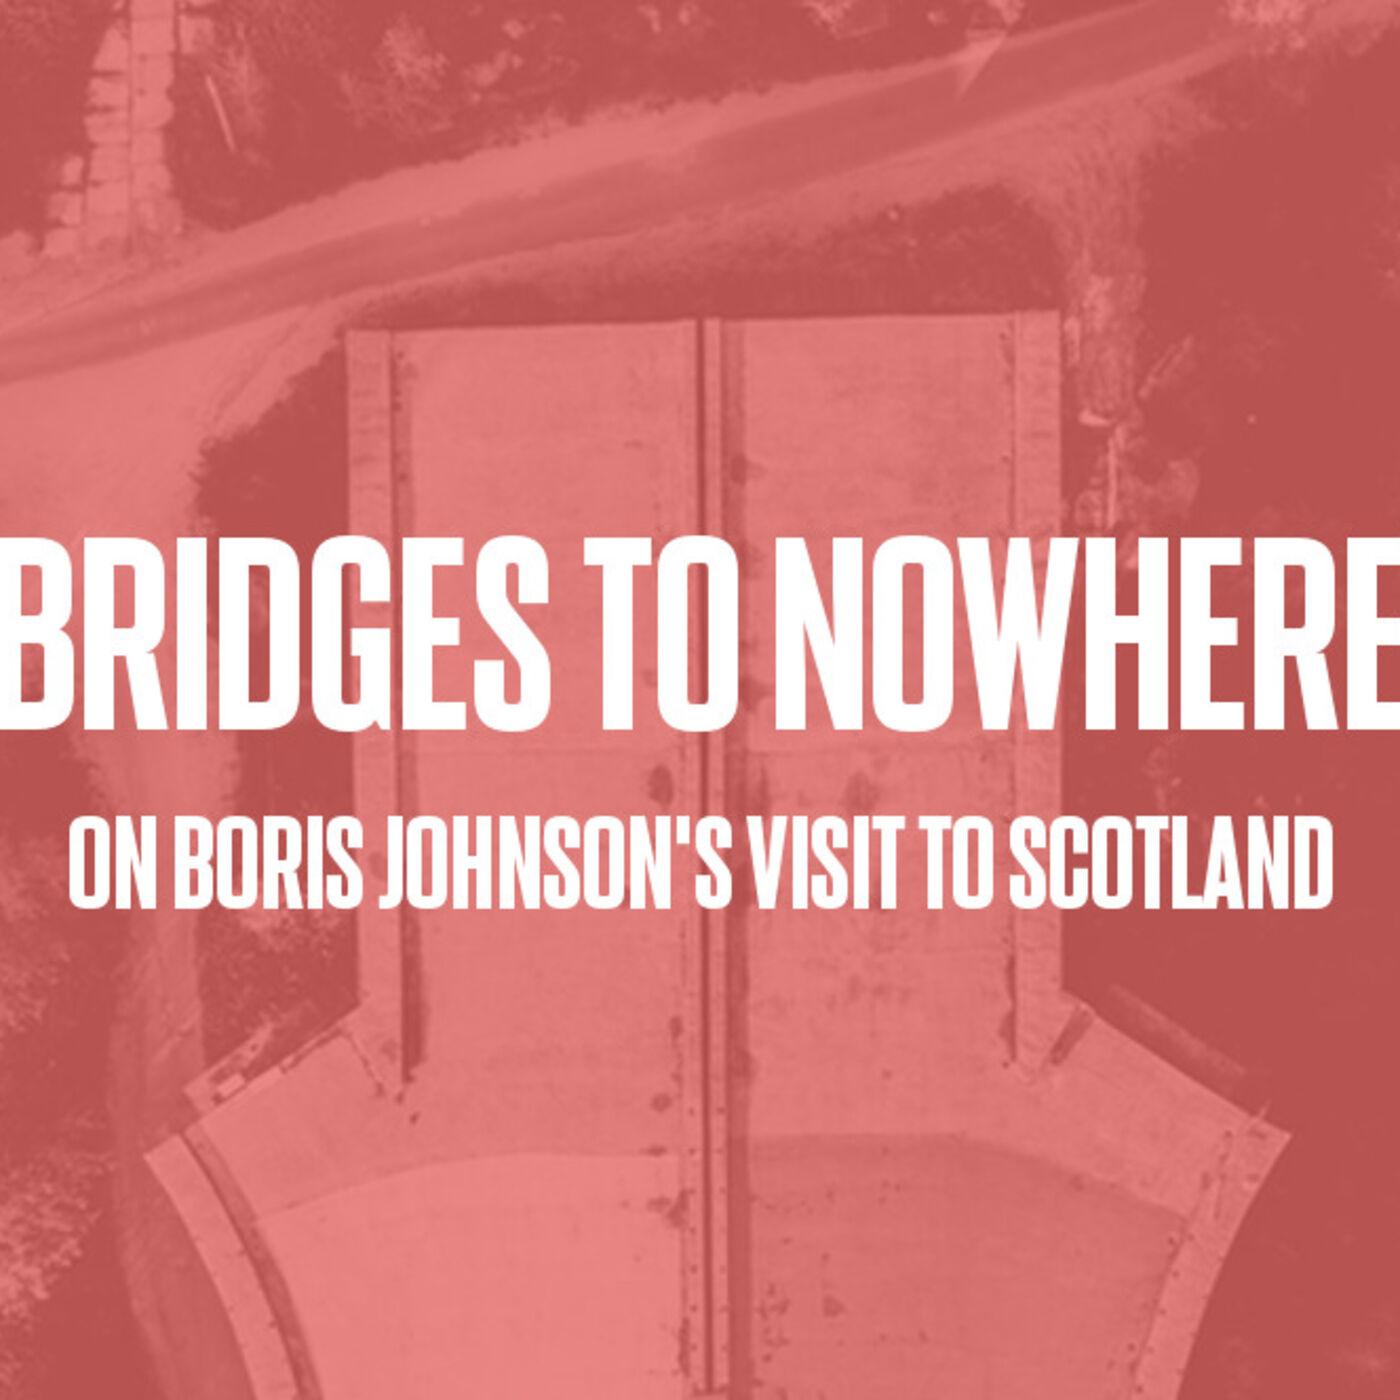 Episode #53 - Bridges to Nowhere